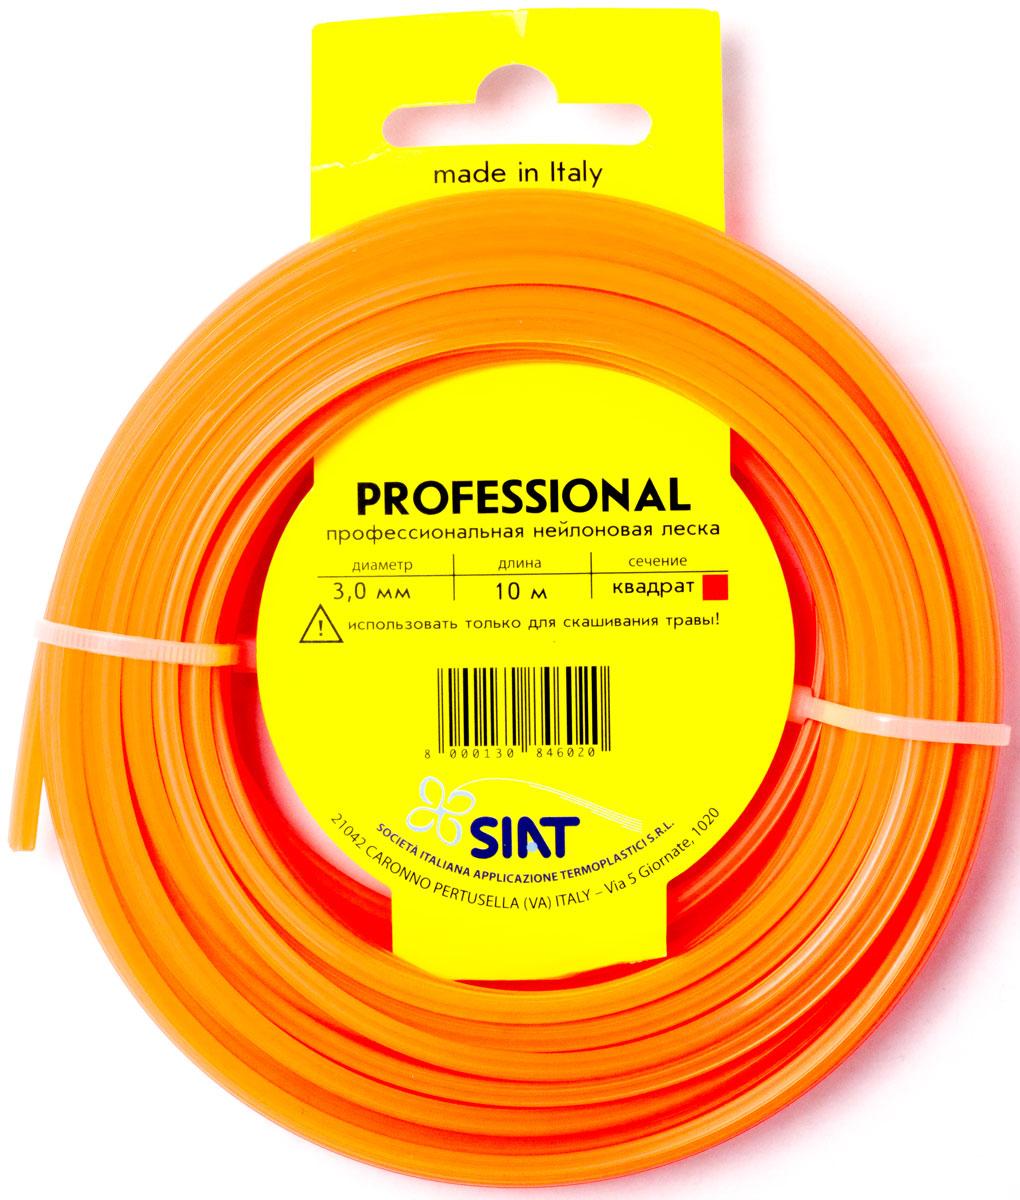 Леска для триммера Siat Professional Siat. Квадрат, диаметр 3 мм, длина 10 м556011Профессиональная нейлоновая леска высокой прочности и гибкости